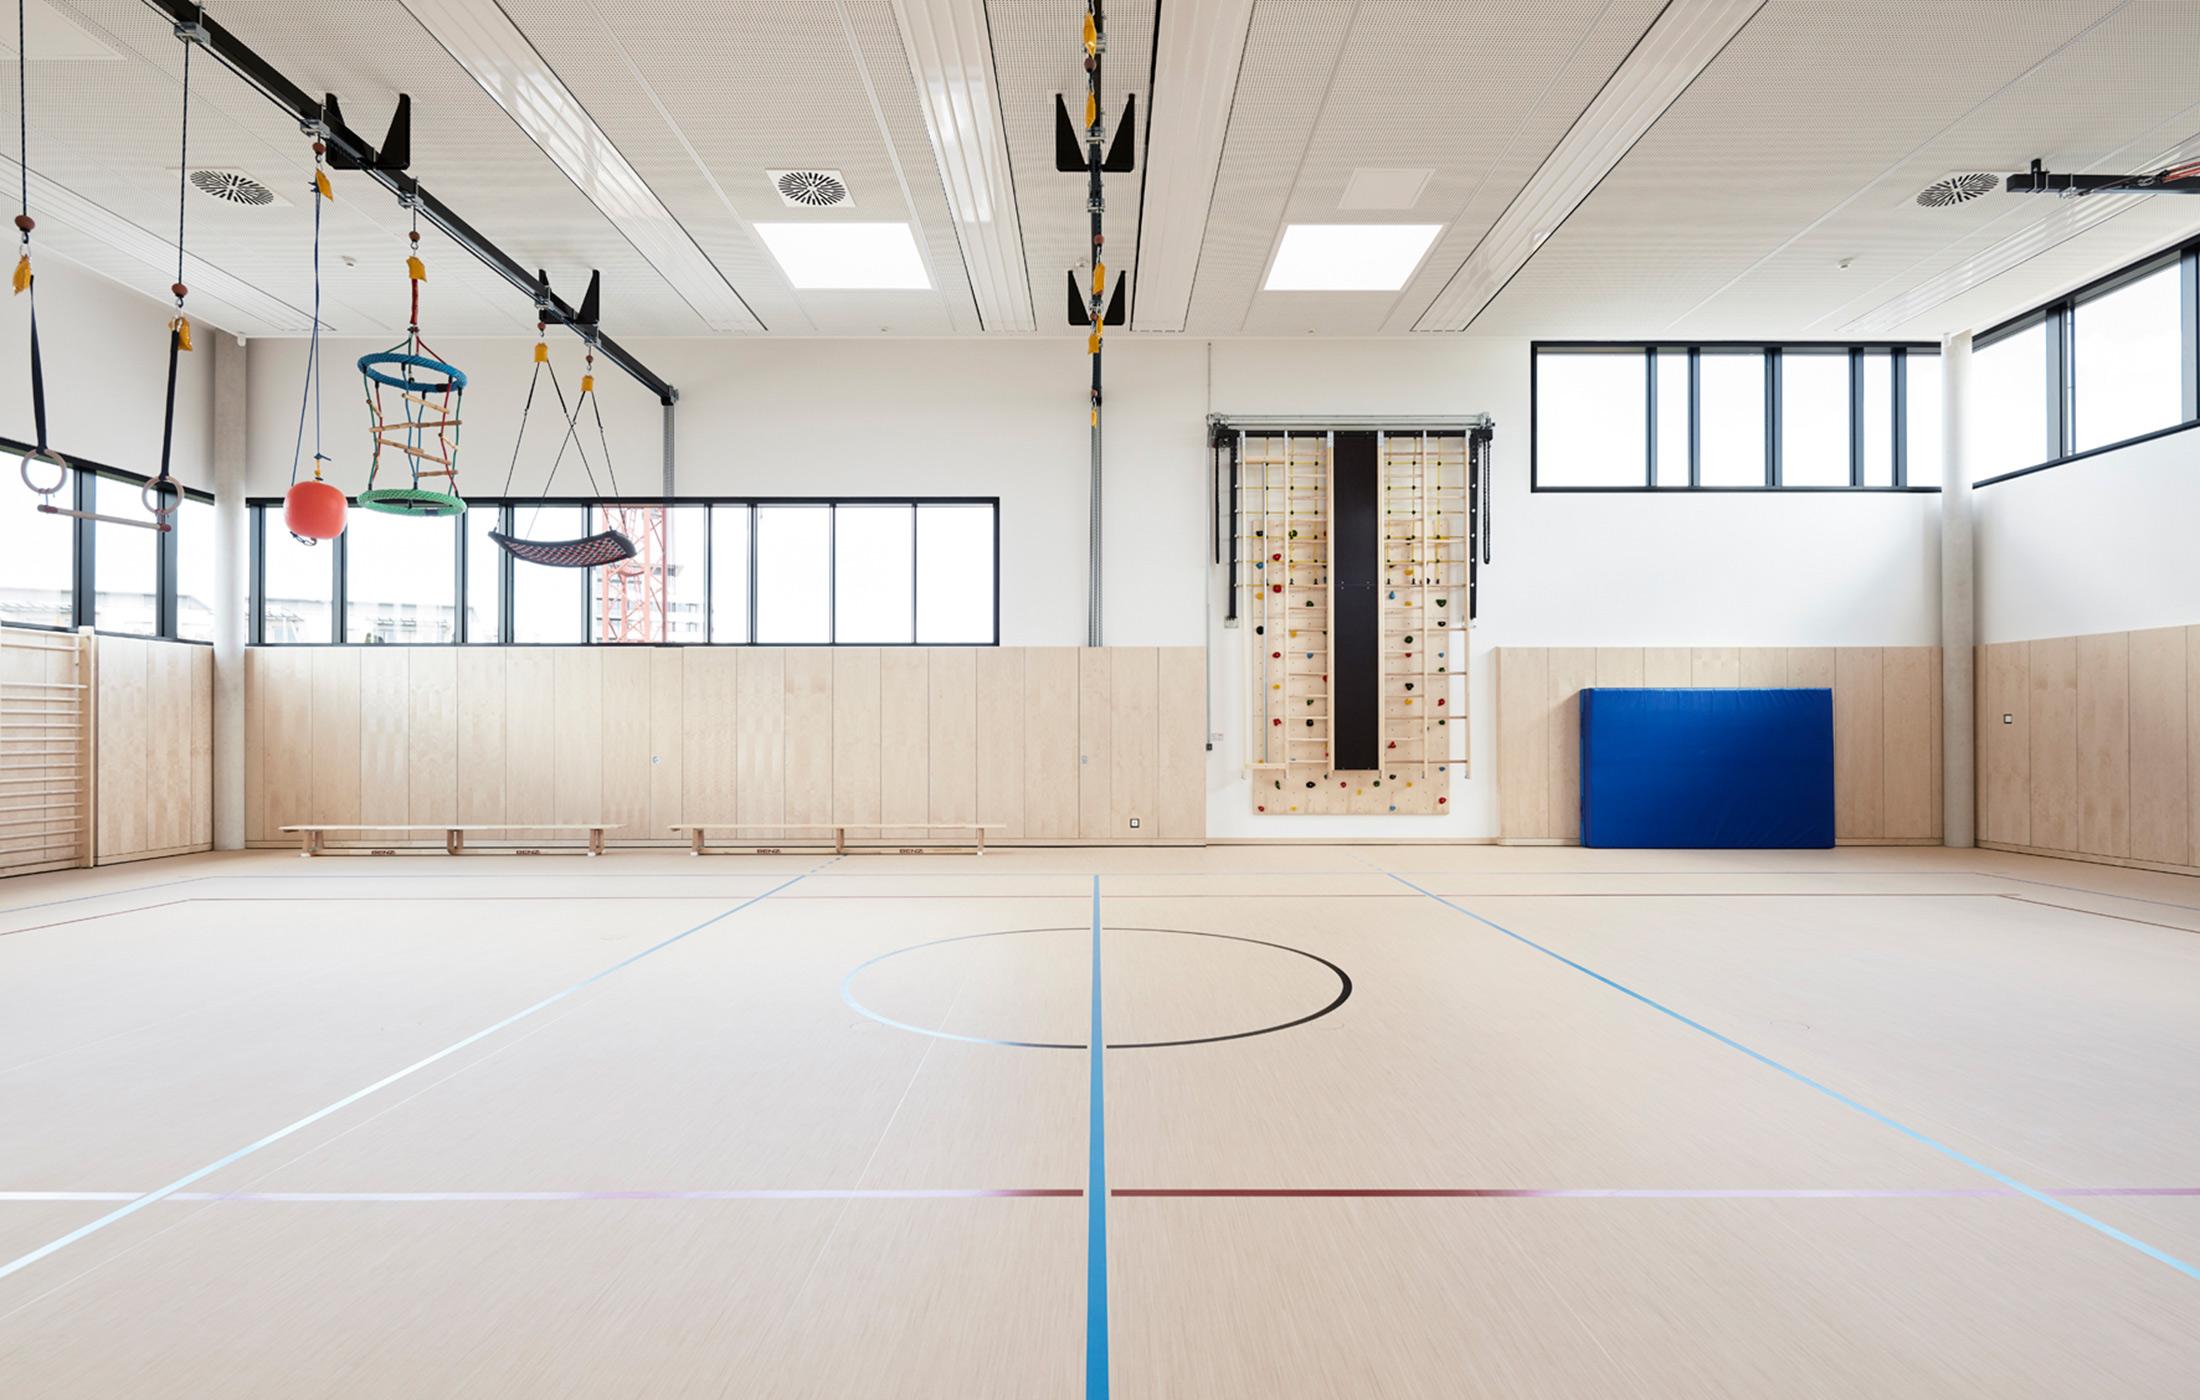 2017_Sportvereinszentrum_Sport_Quadrat_Bietigheim_Generalplanung_Neubau_Planung_